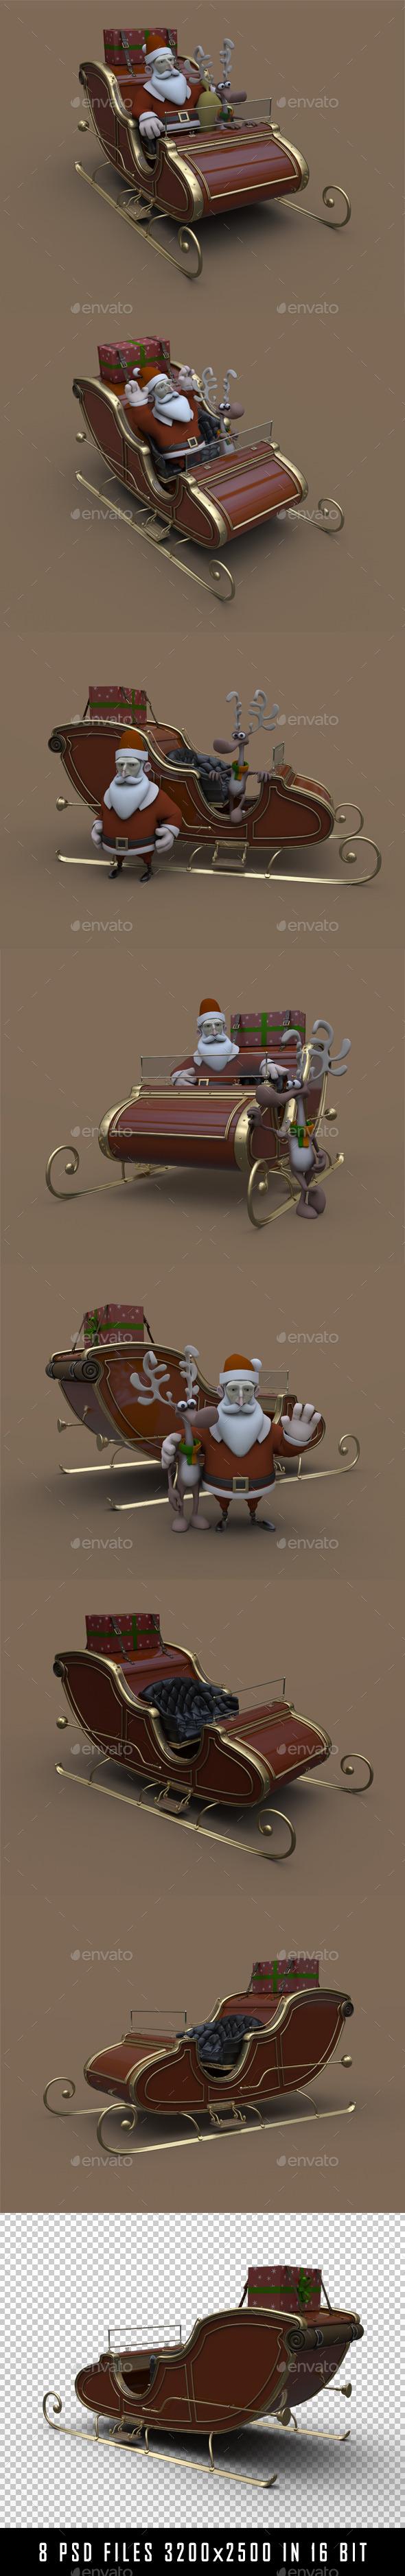 Santa s Sled